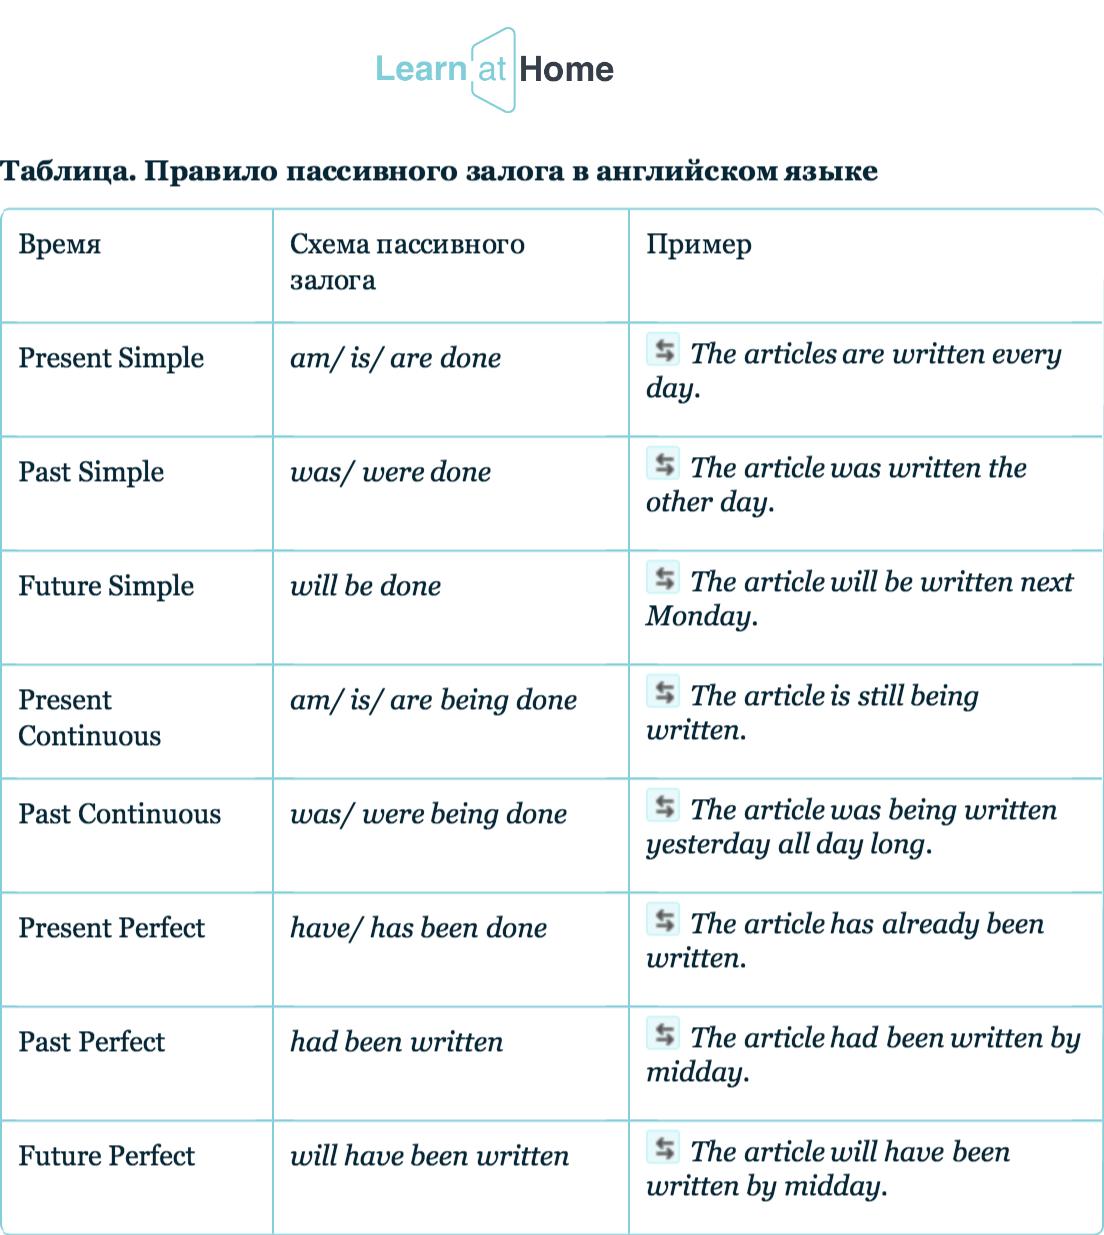 Пассивный залог в английском языке - правила и примеры